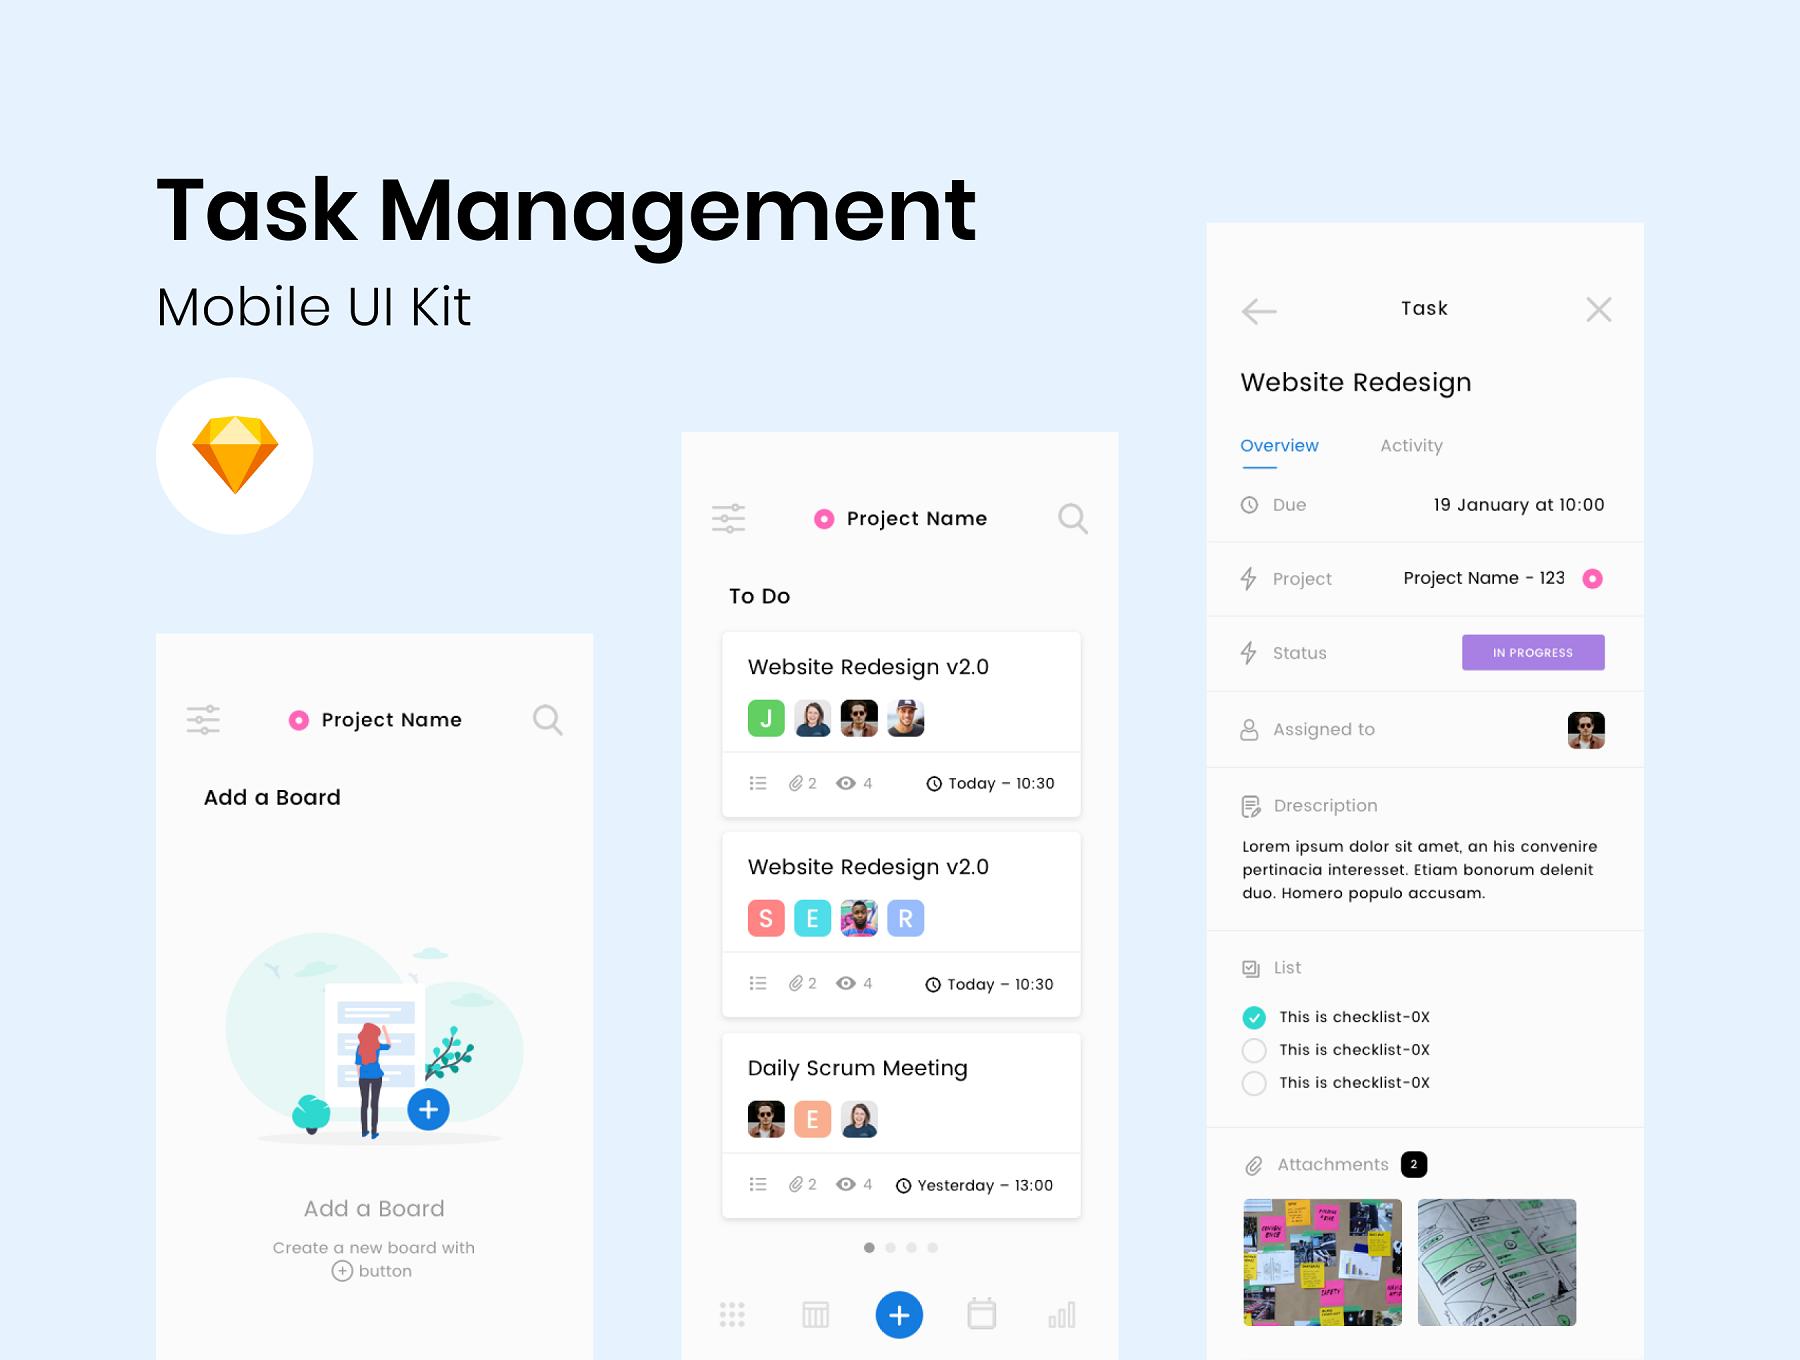 员工信息统计任务管理APP UI工具包 Task Management App UI插图